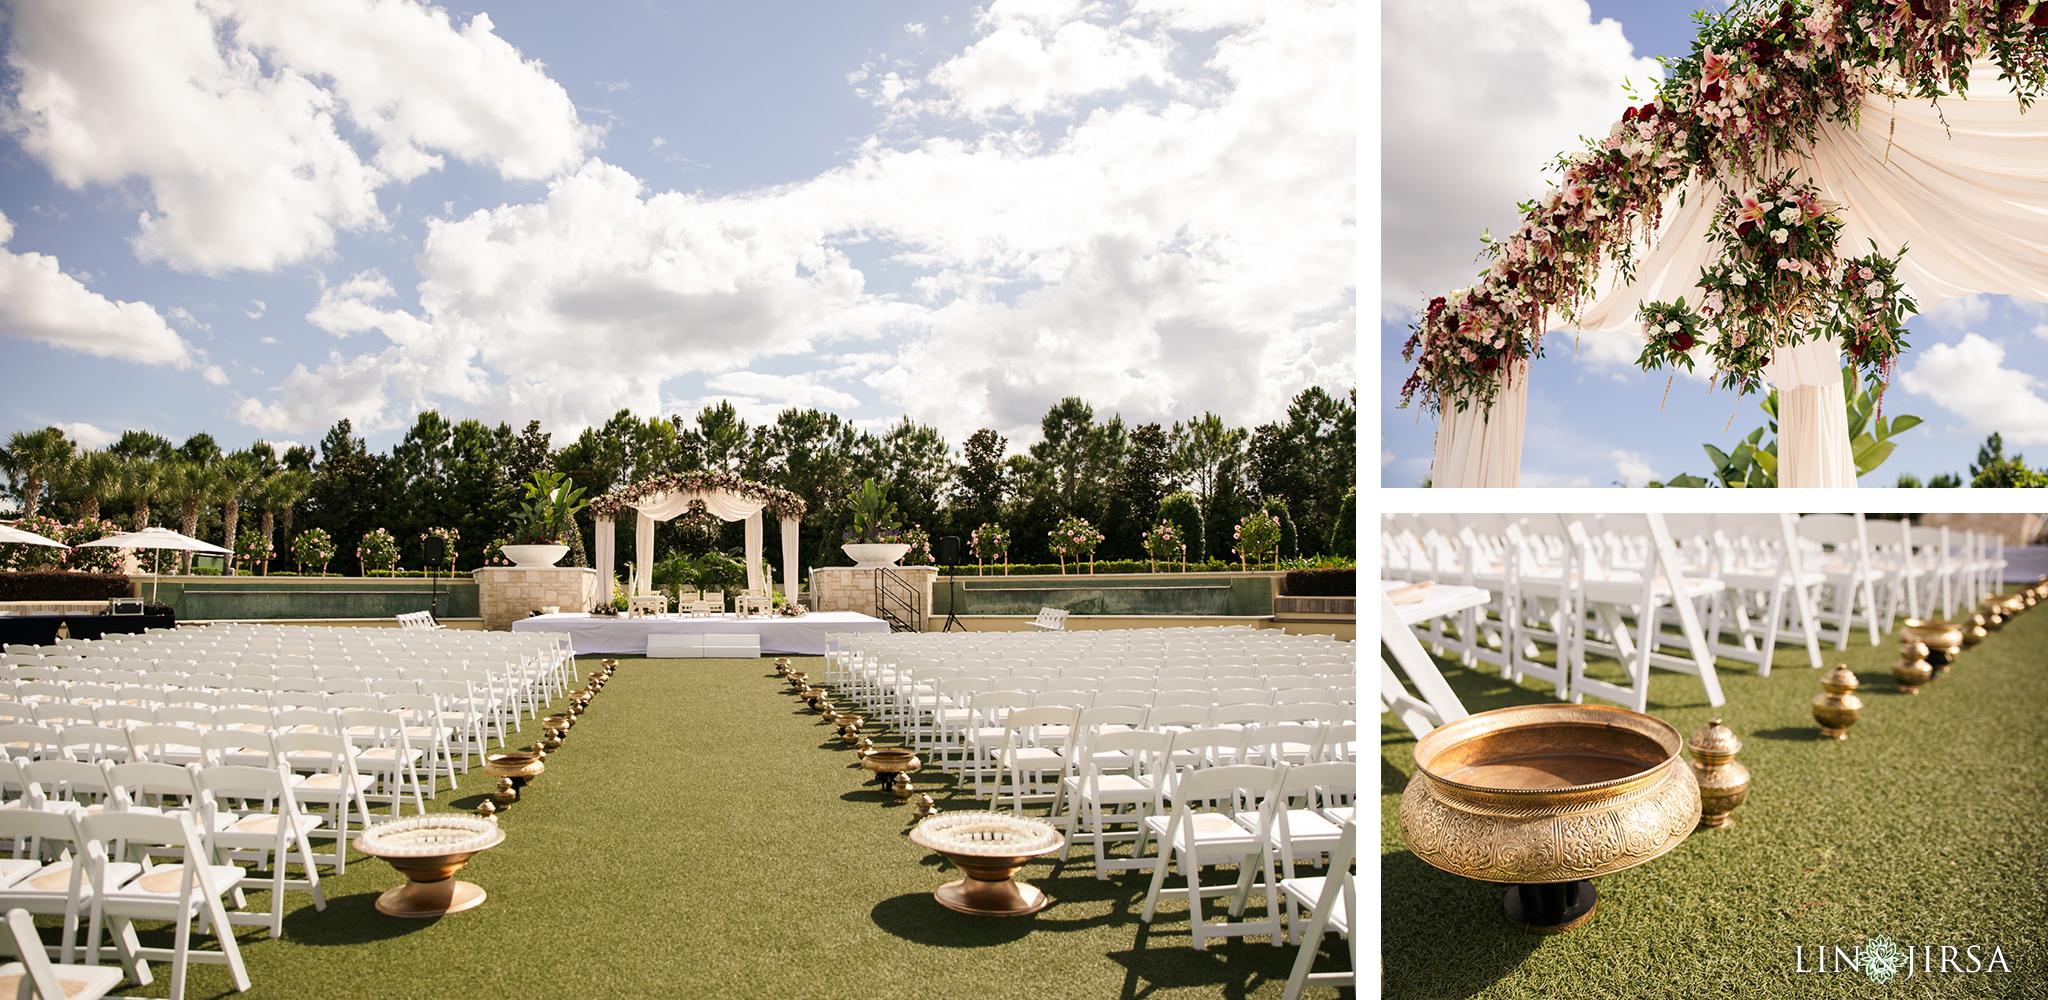 17 The Hilton Orlando Florida Indian Wedding Photography